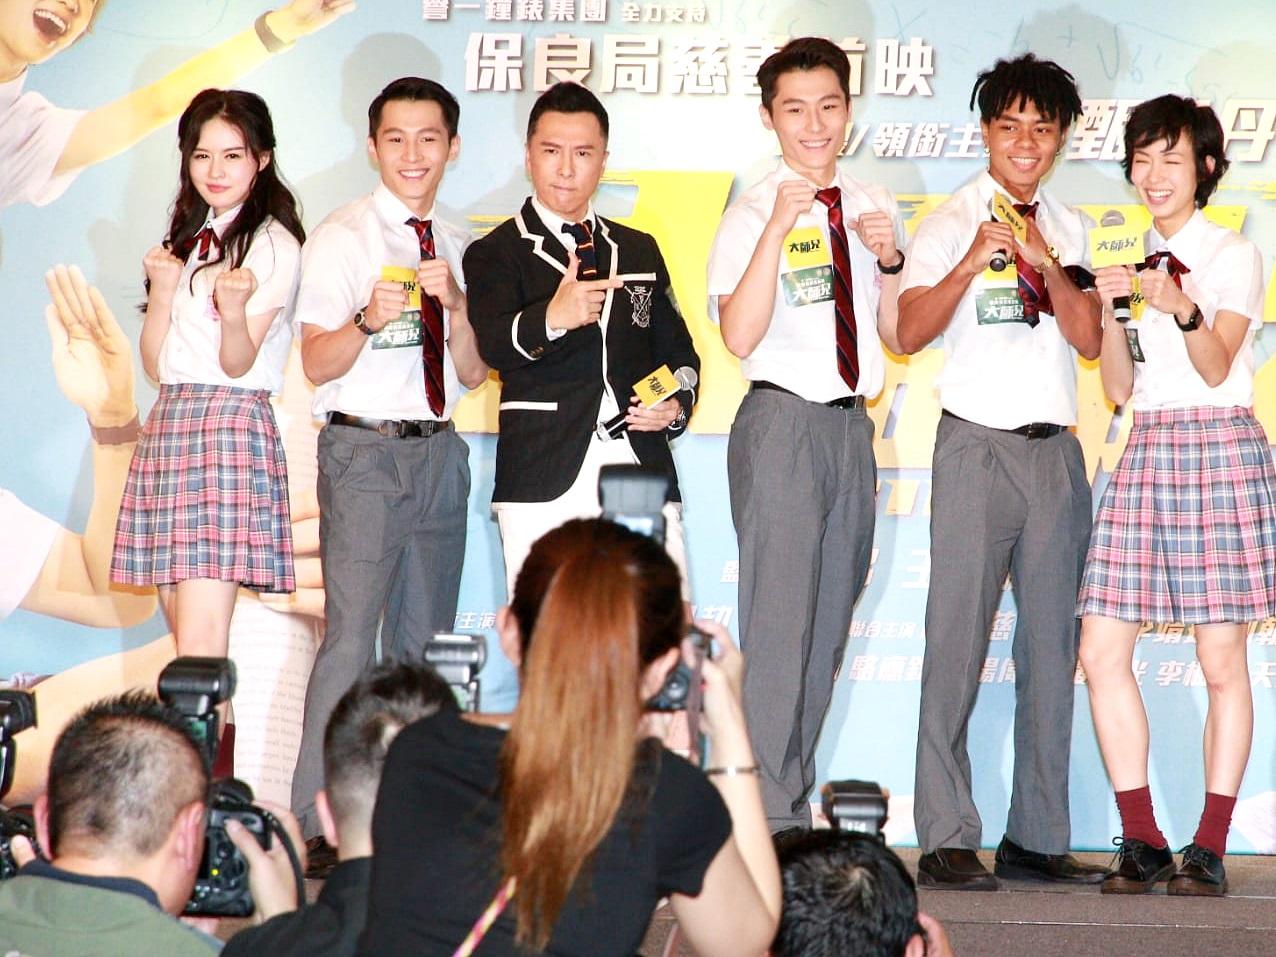 甄子丹监制兼演出电影《大师兄》举行保良局慈善首映礼.